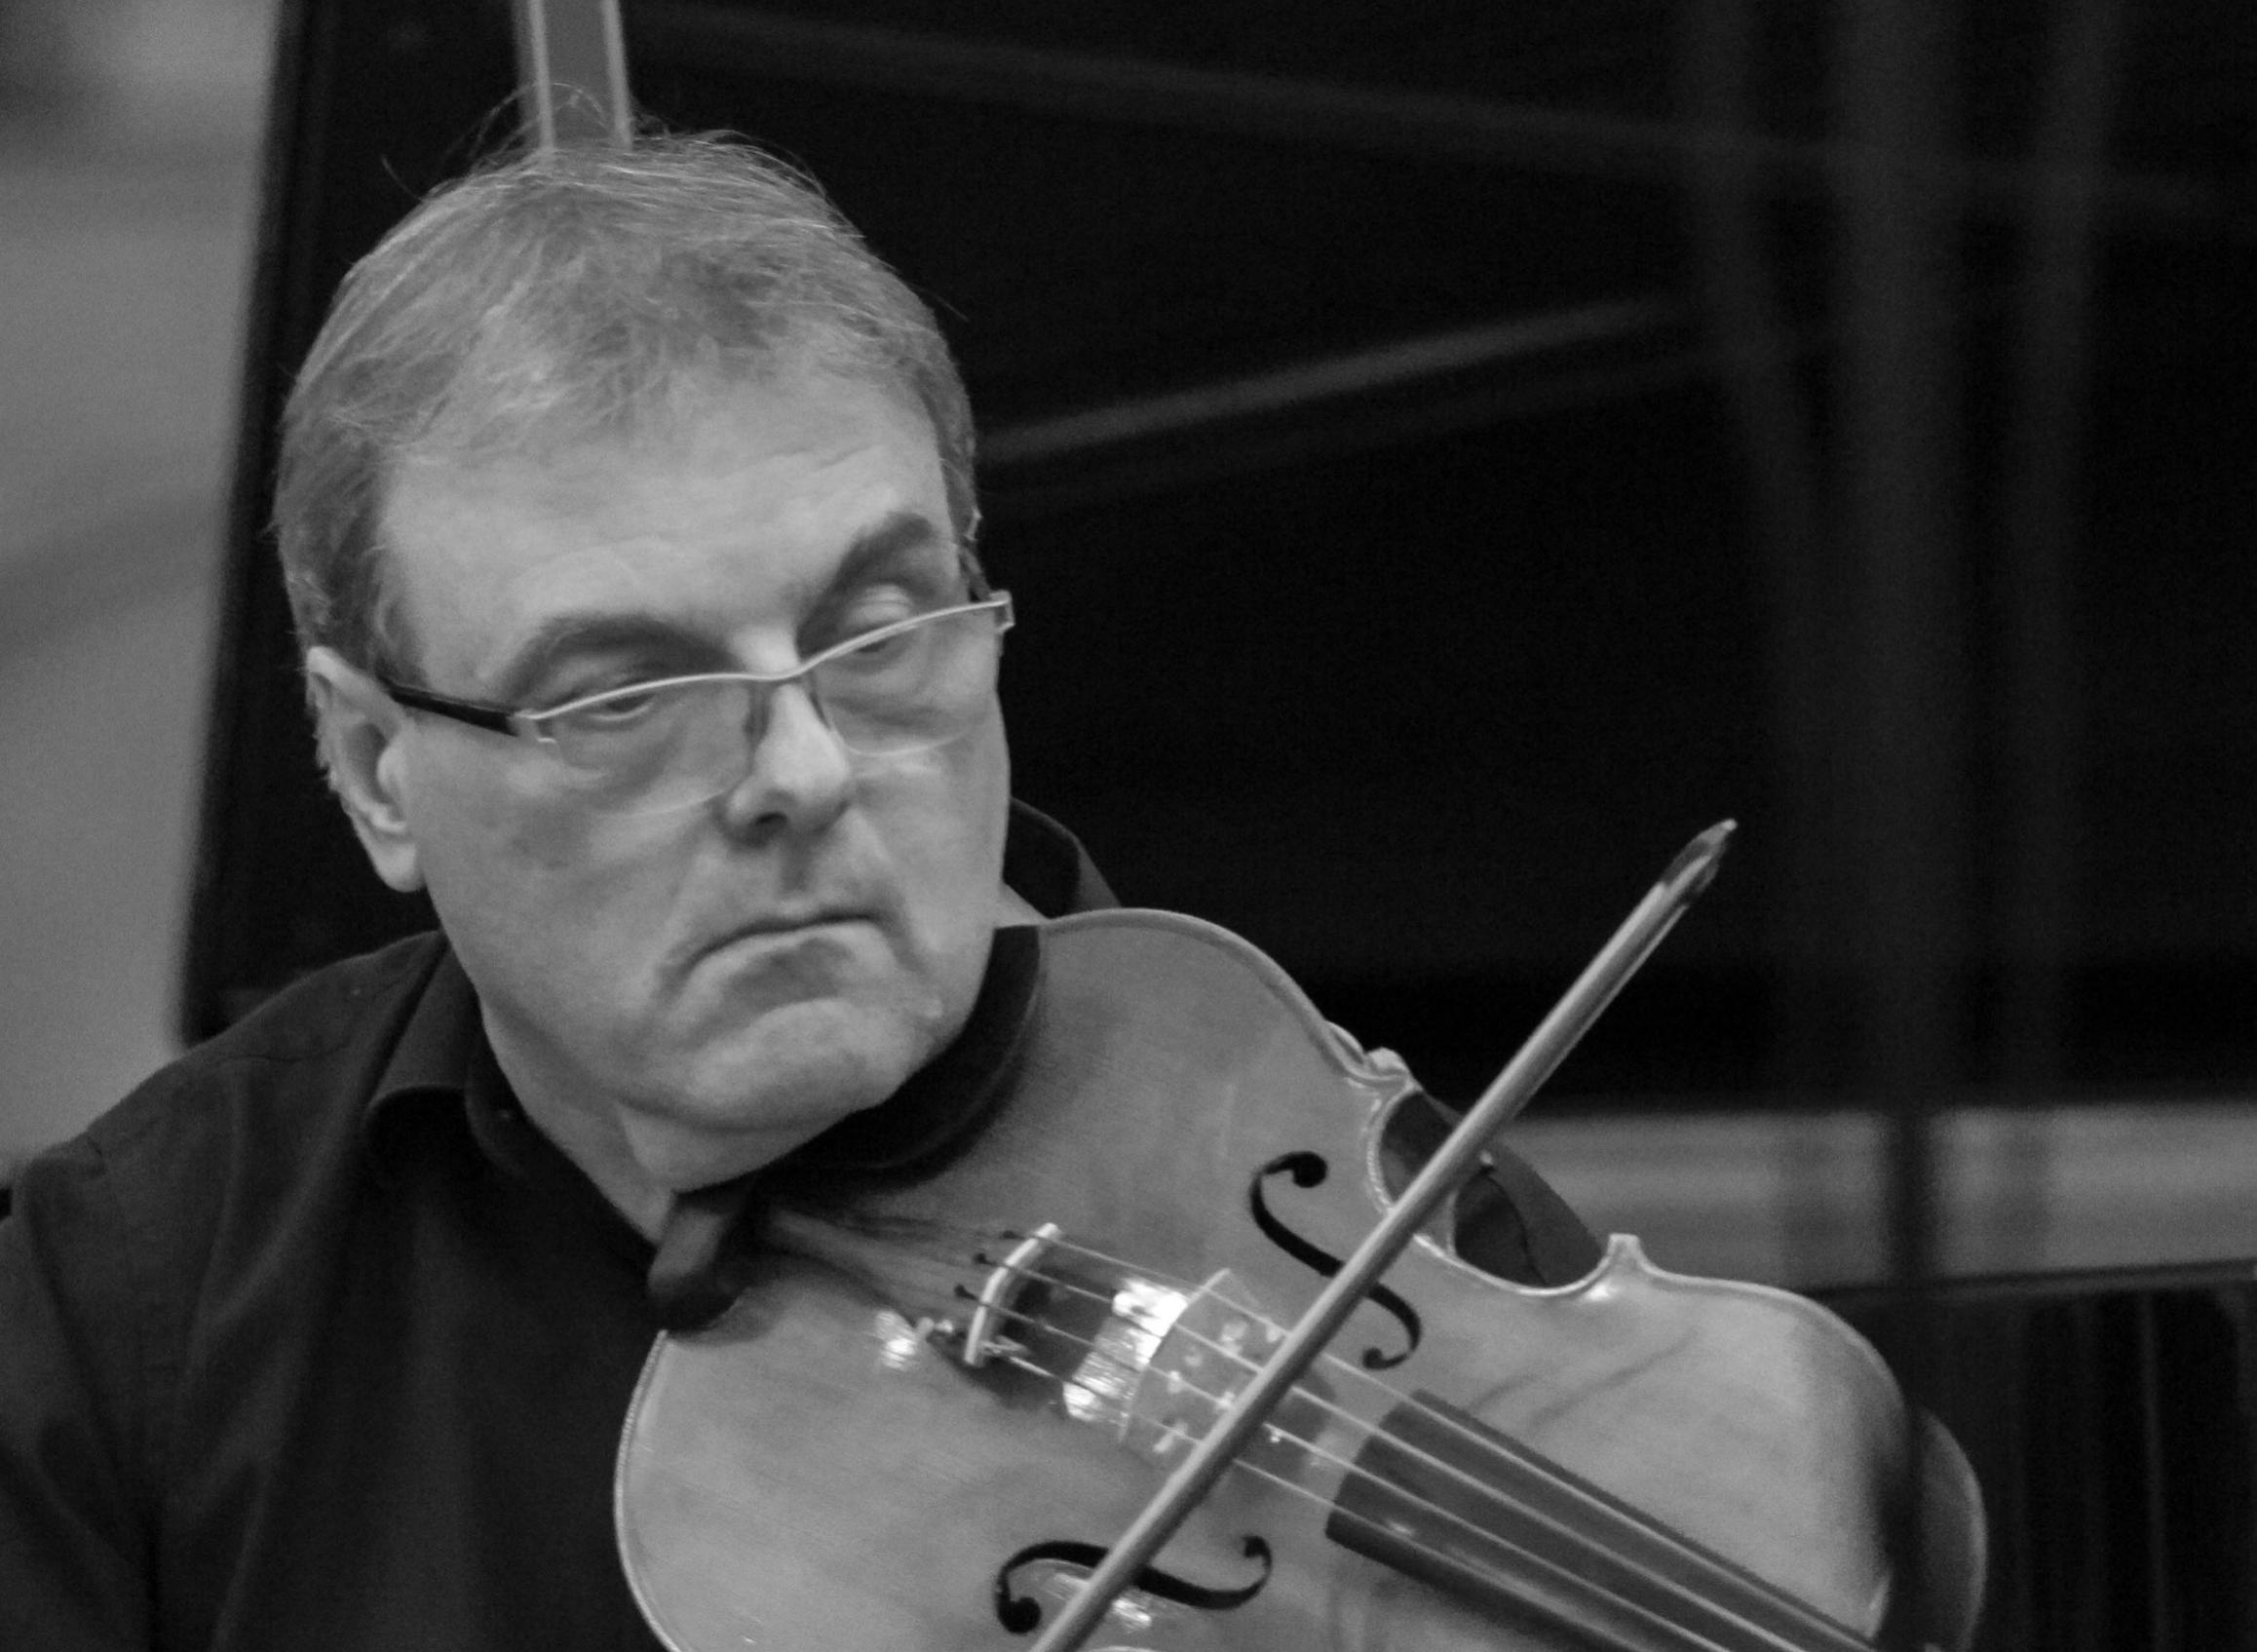 Jean-Marc KÉRISIT  polytechnicien, docteur en informatique théorique, est manager pour les entreprises innovantes. Il enseigne également l'intelligence artificielle en école d'ingénieur. Il a commencé à jouer du violon à l'âge de 6 ans dans un cadre institutionnel, mais peut surtout être considéré comme un authentique autodidacte. Il joue aussi du piano et de l'alto. Il a fondé l'association Musicami au début de l'année 2014, avec laquelle il organise un concert par mois à Paris. Il donne très régulièrement des concerts de musique de chambre en France et à l'étranger, associé aussi bien à des amateurs qu'à des professionnels, vivant ainsi pleinement une double existence d'ingénieur et de musicien - et réalisant ainsi ce que tant d'autres se contentent de rêver